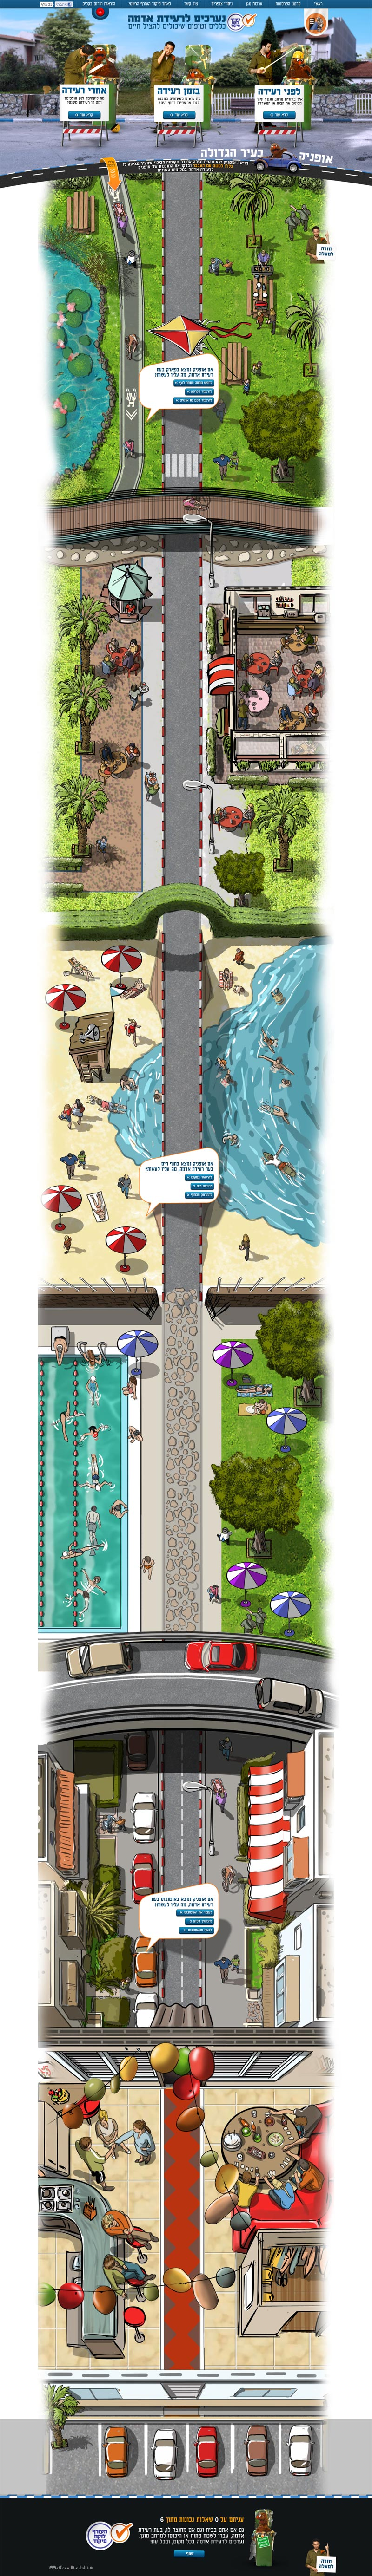 Earthquake preperation campaign  http://oref.mdigital.co.il/